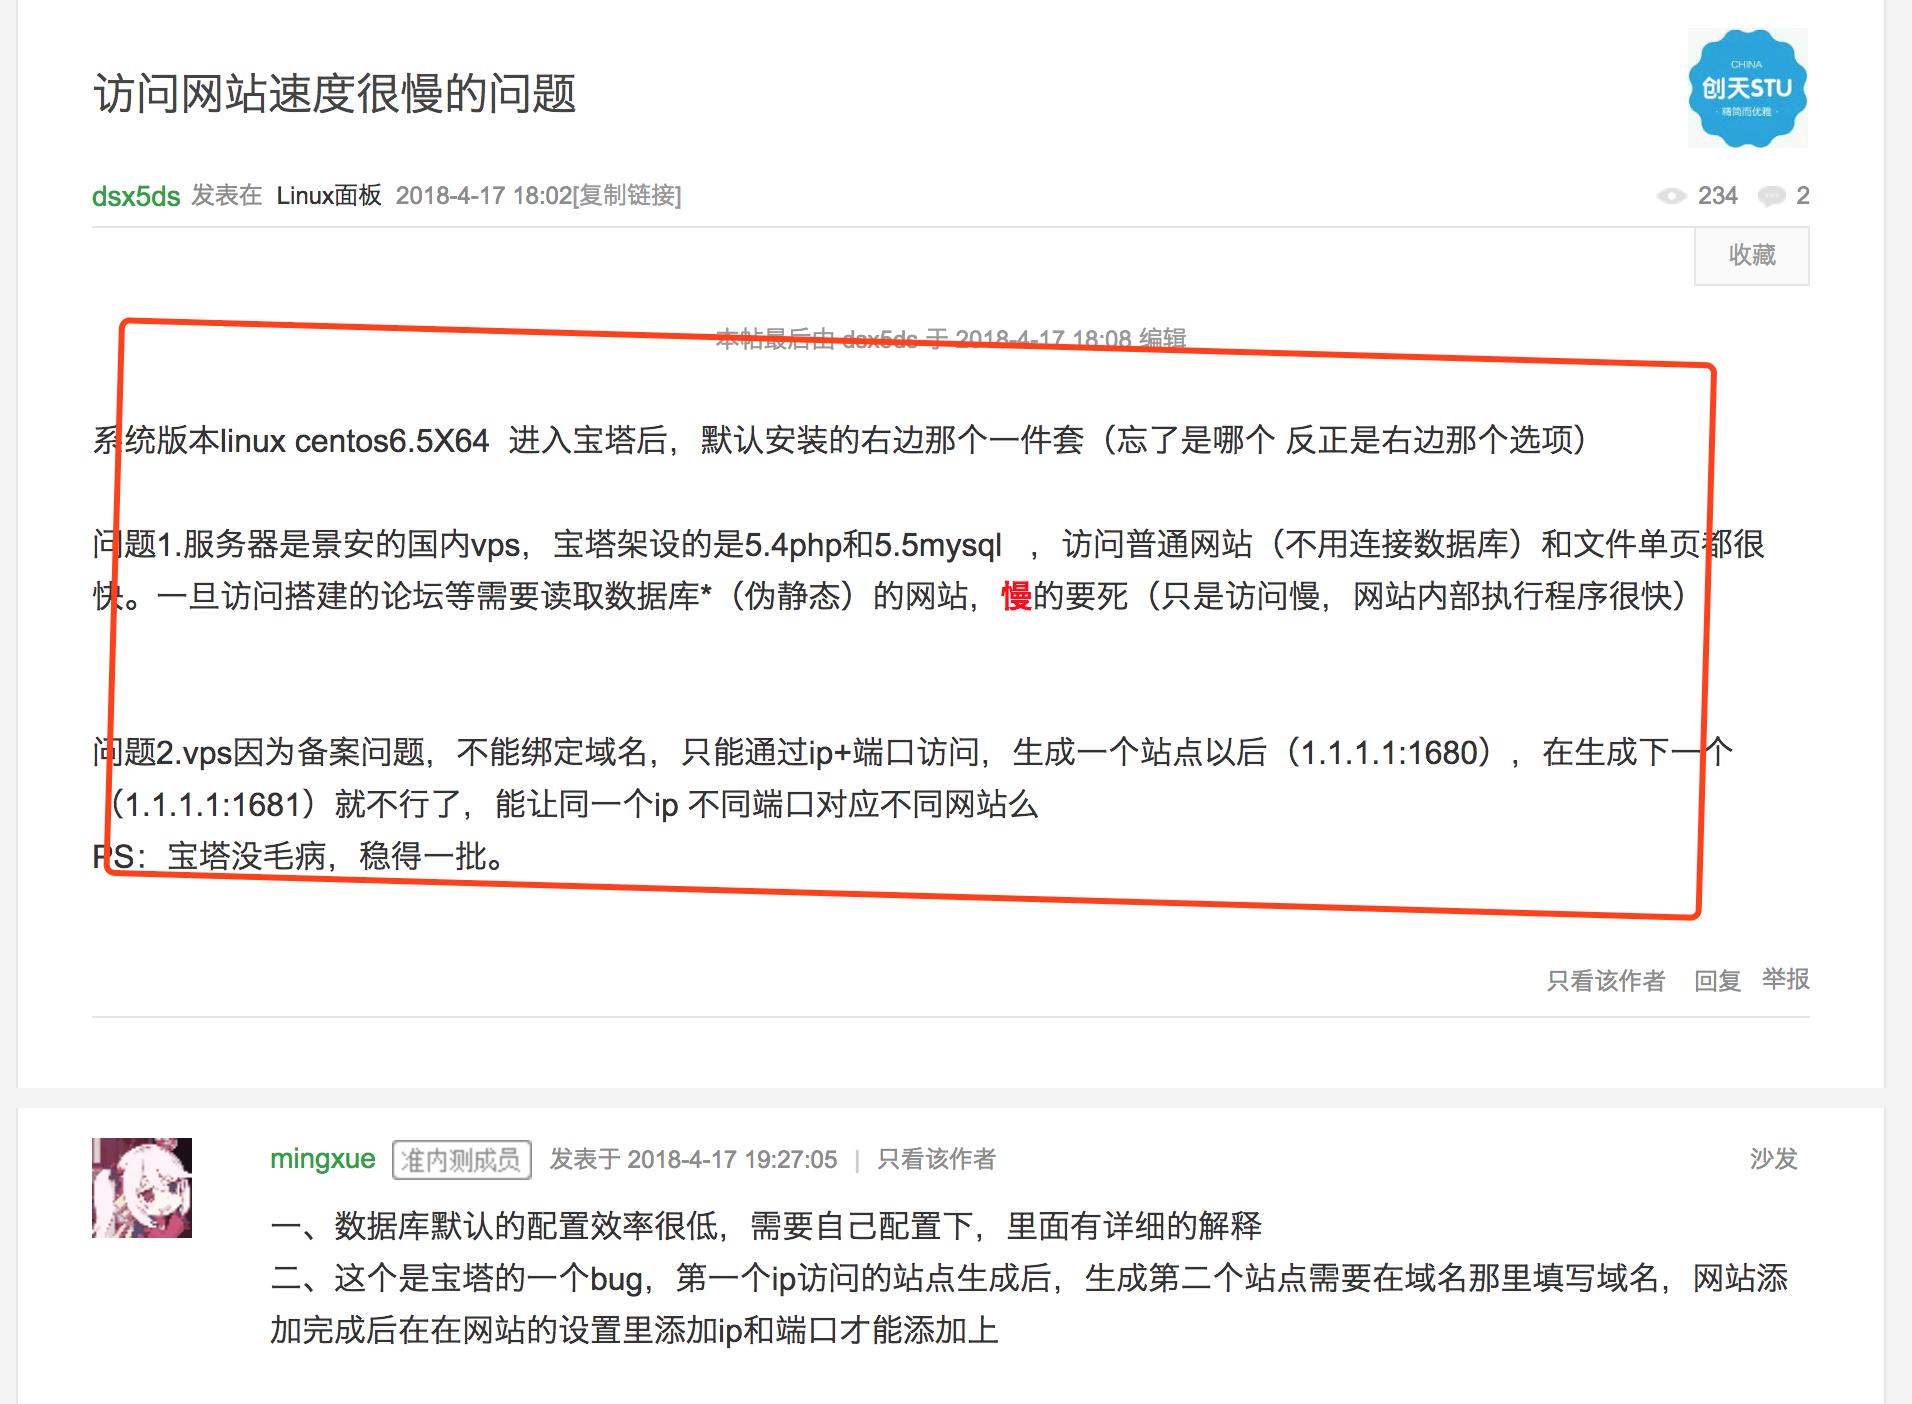 使用宝塔面板(bt.cn),单页面打开耗时10秒钟,网站打开一分钟左右,解决办法